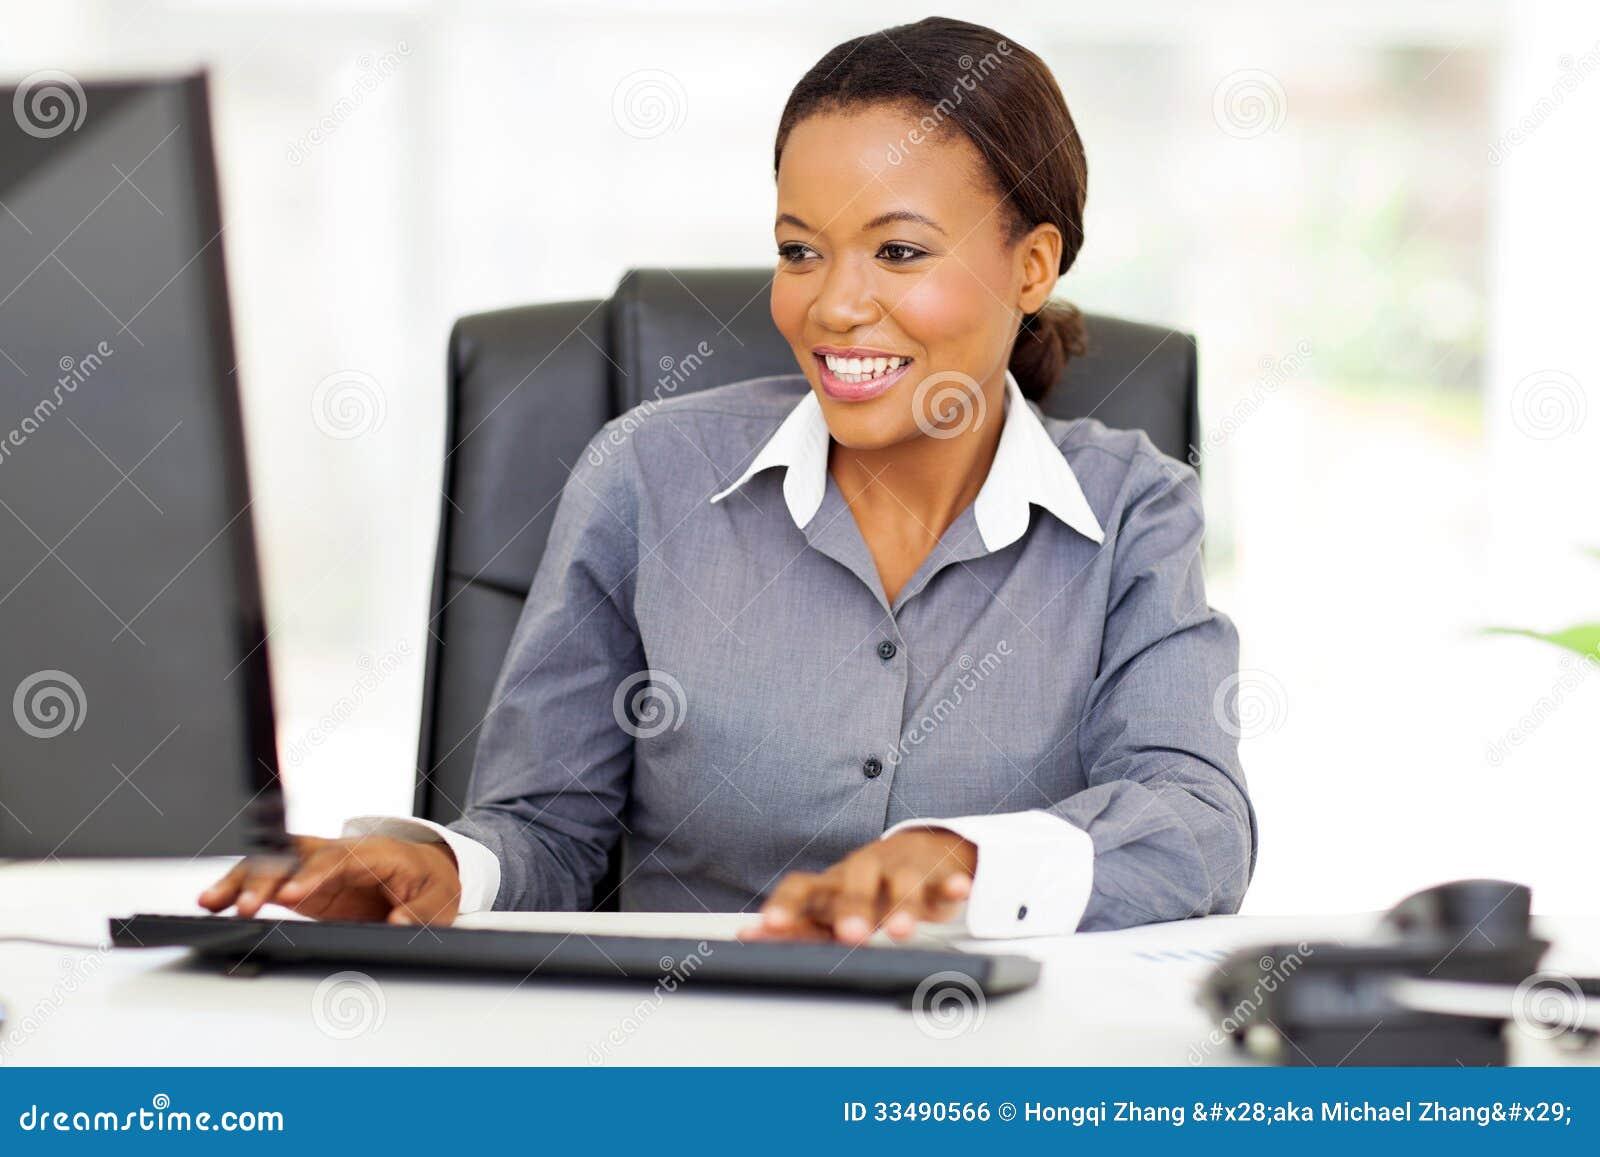 Employ De Bureau Africain Image libre de droits Image 33490566